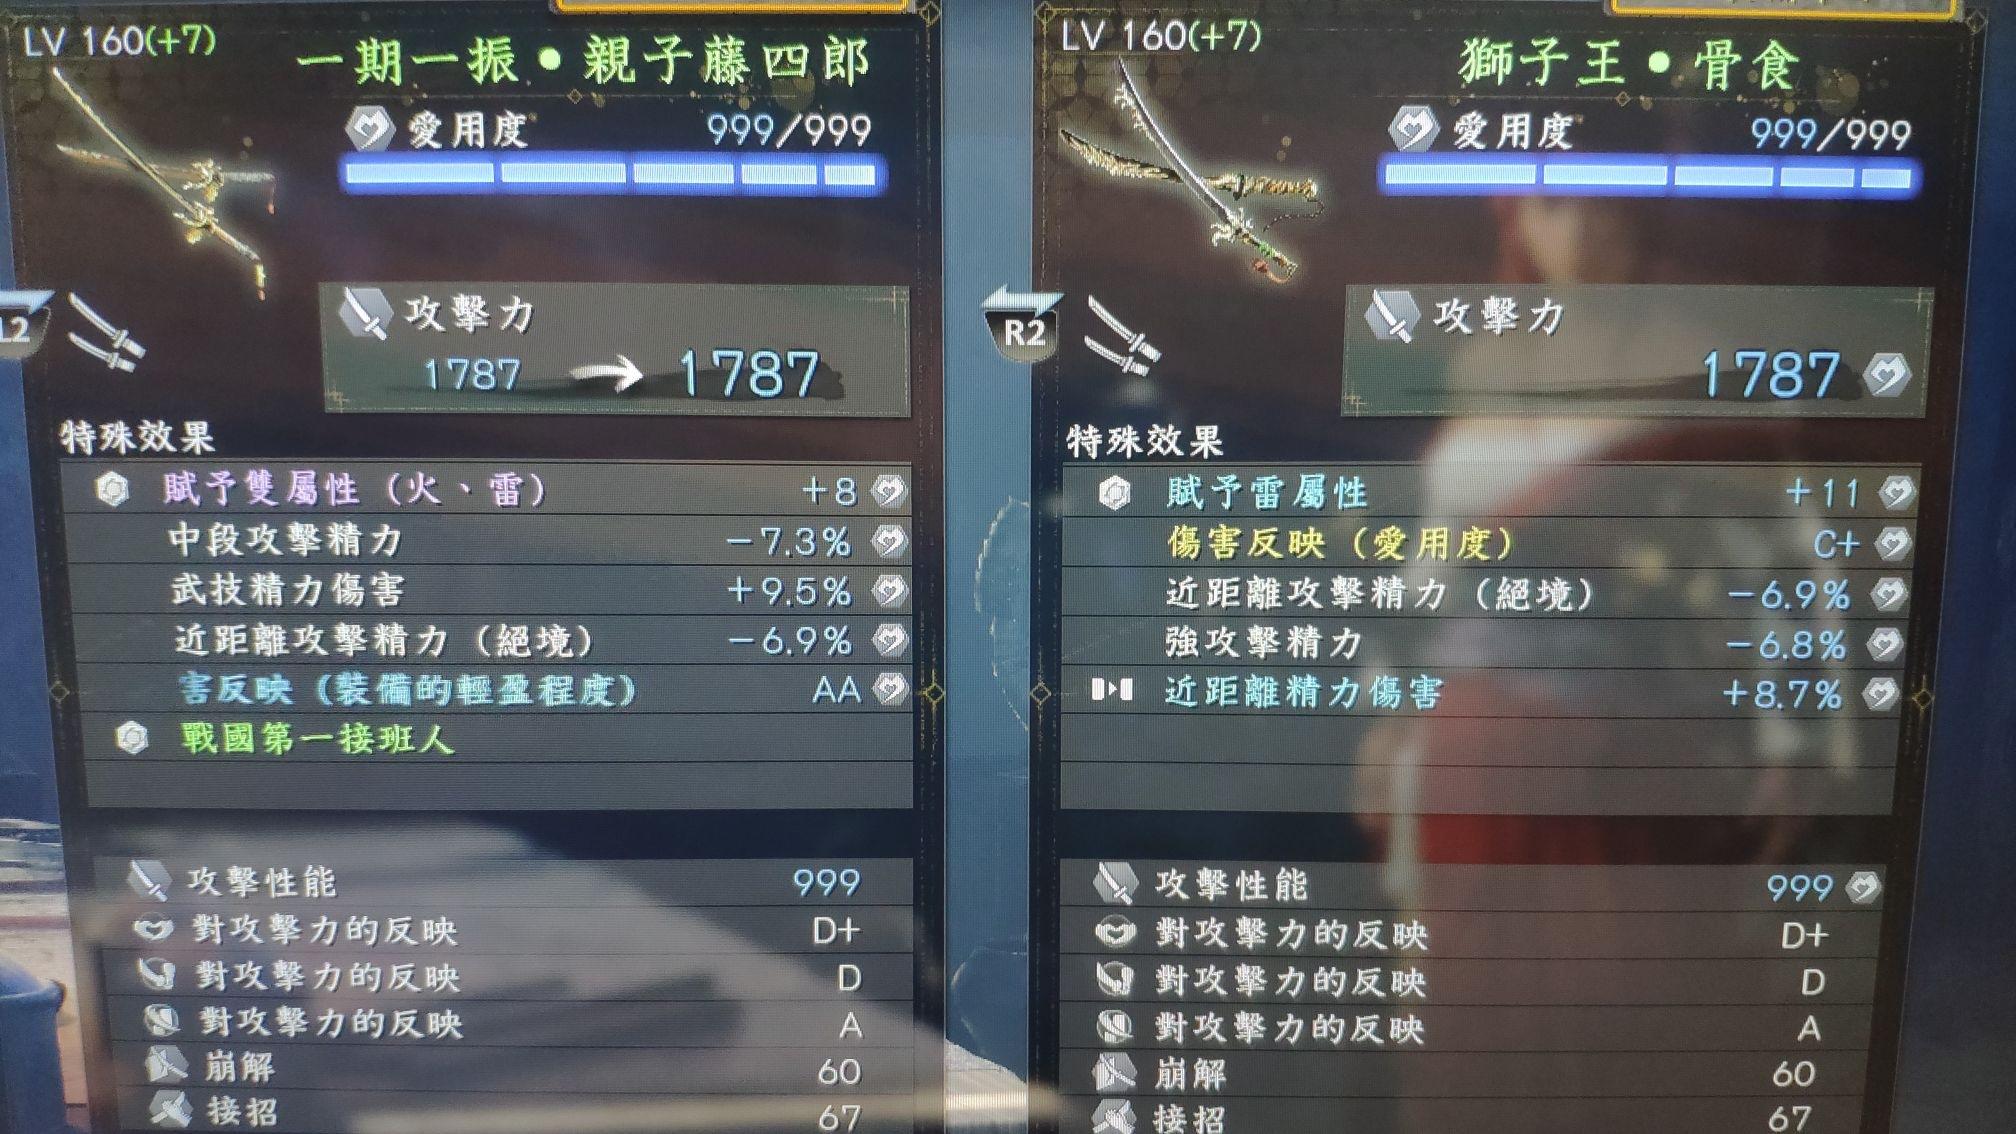 2 楯 無 仁王 仁王攻略 血刀塚で最強装備を手に入れる方法!鍛冶屋の「打ち直し」、揃え効果、神器、武器、防具